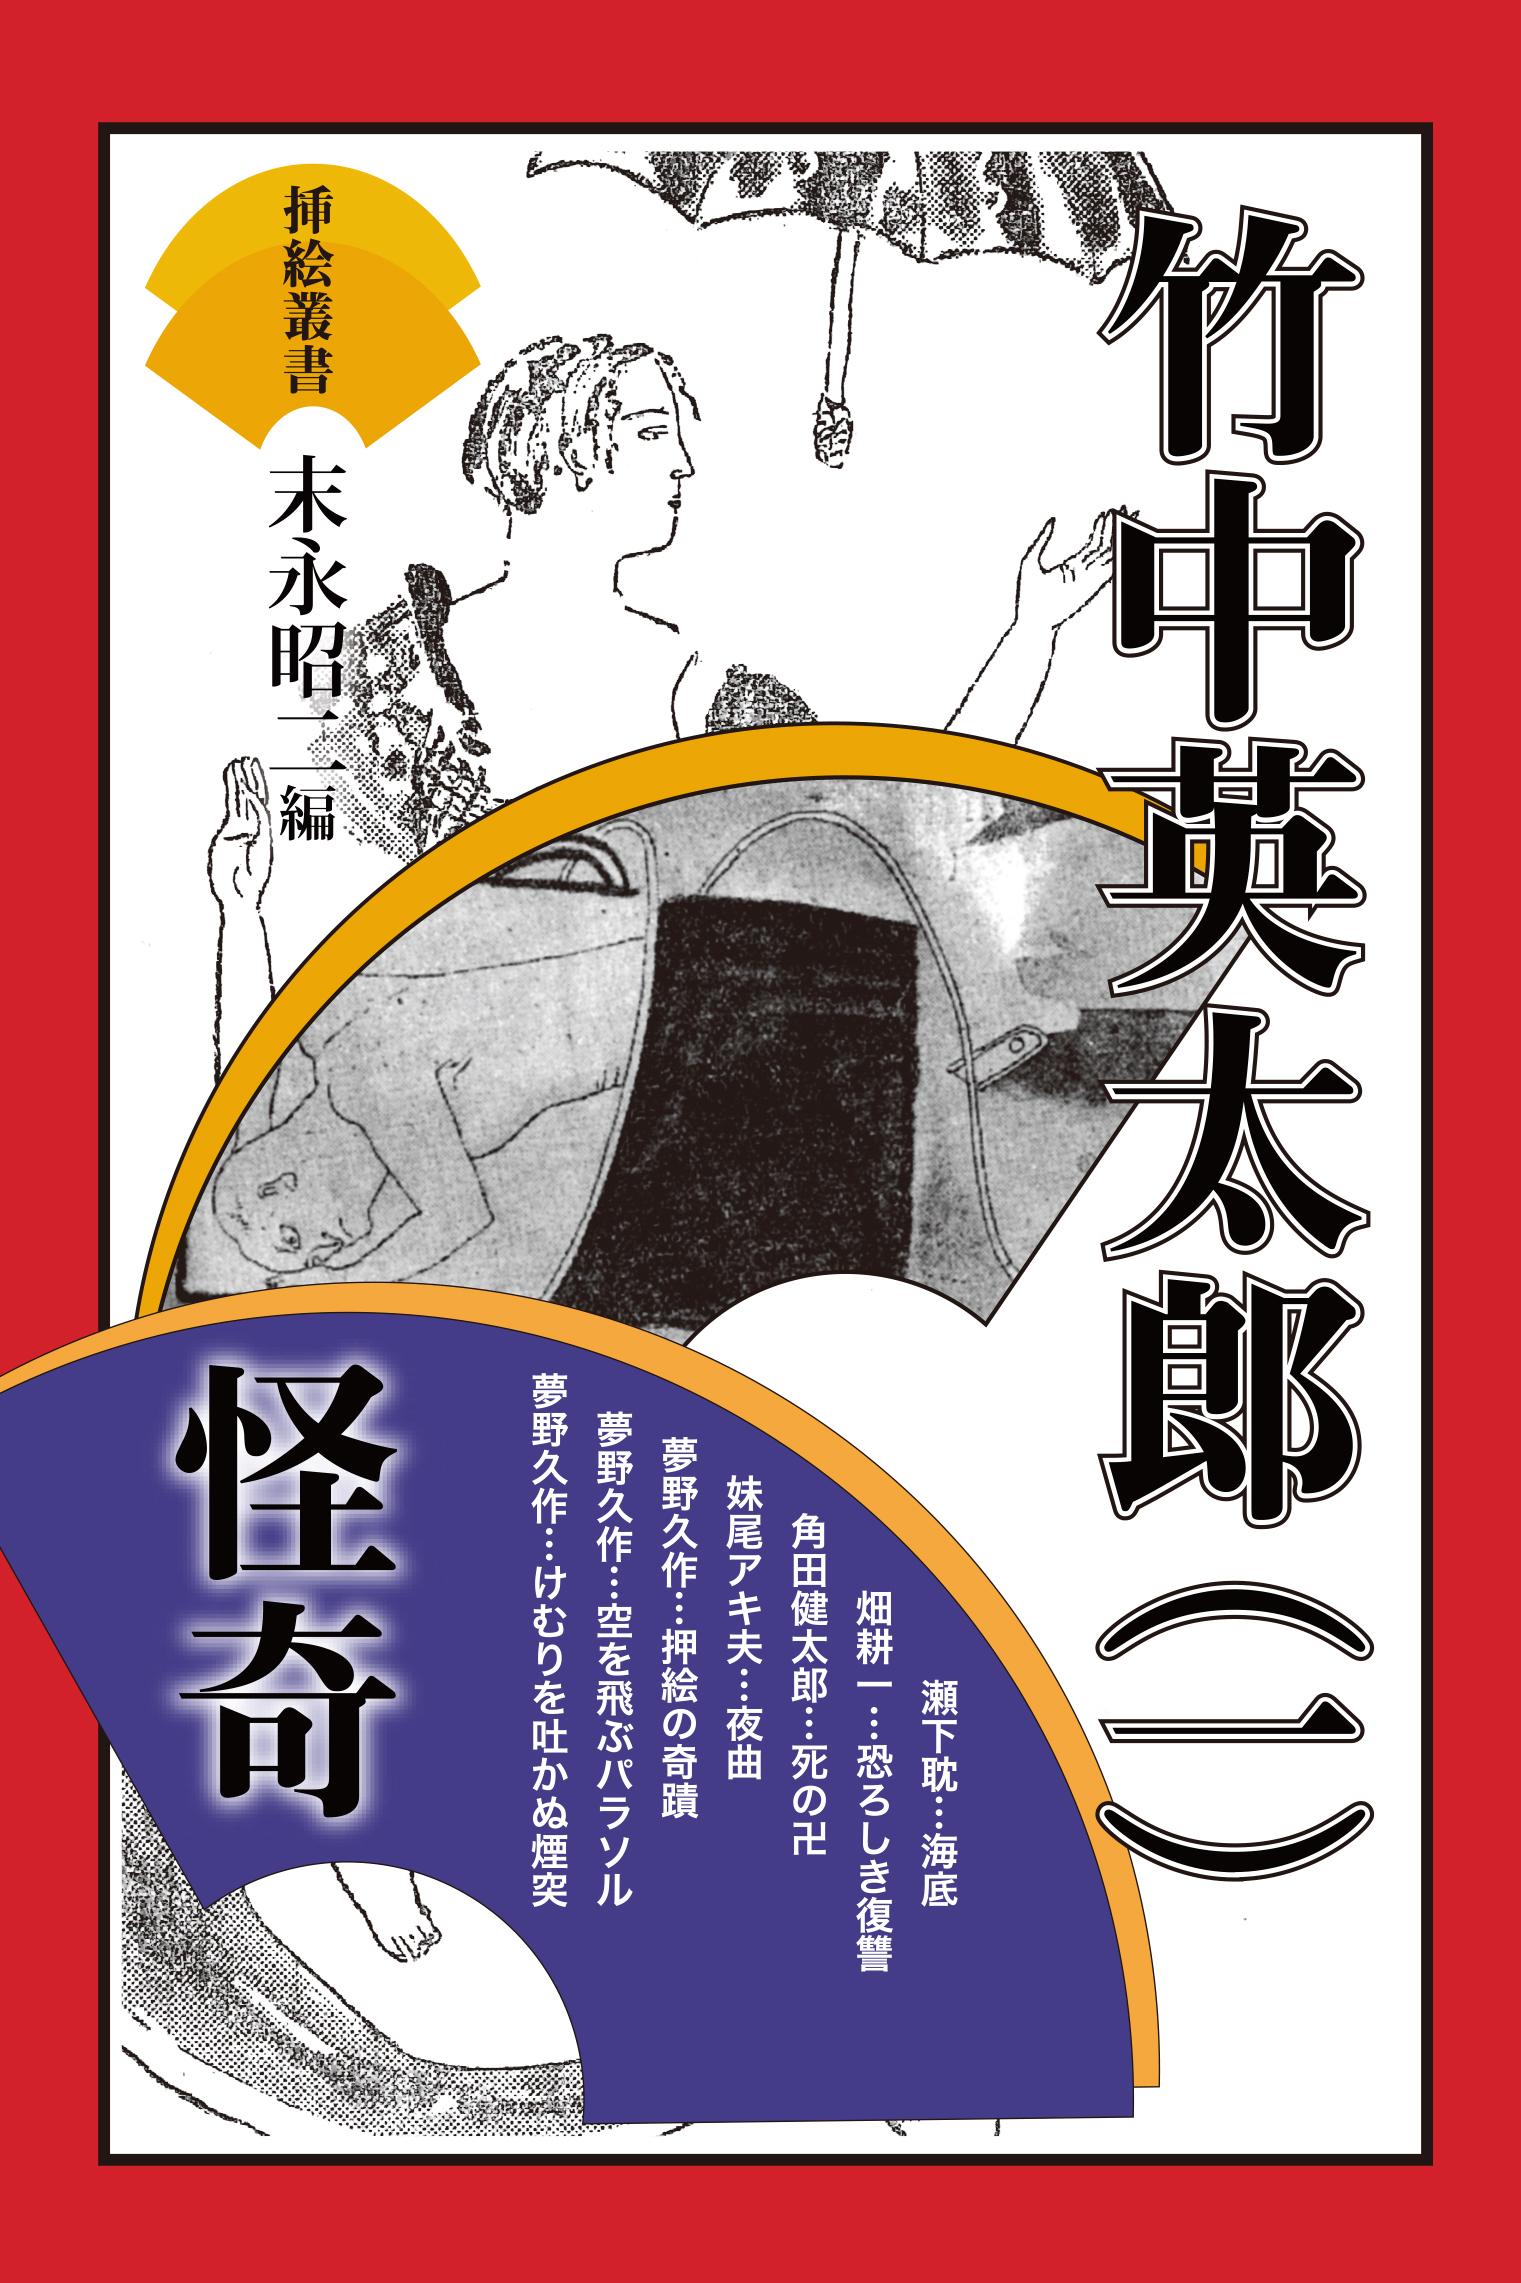 竹中英太郎 挿絵叢書 末永昭二